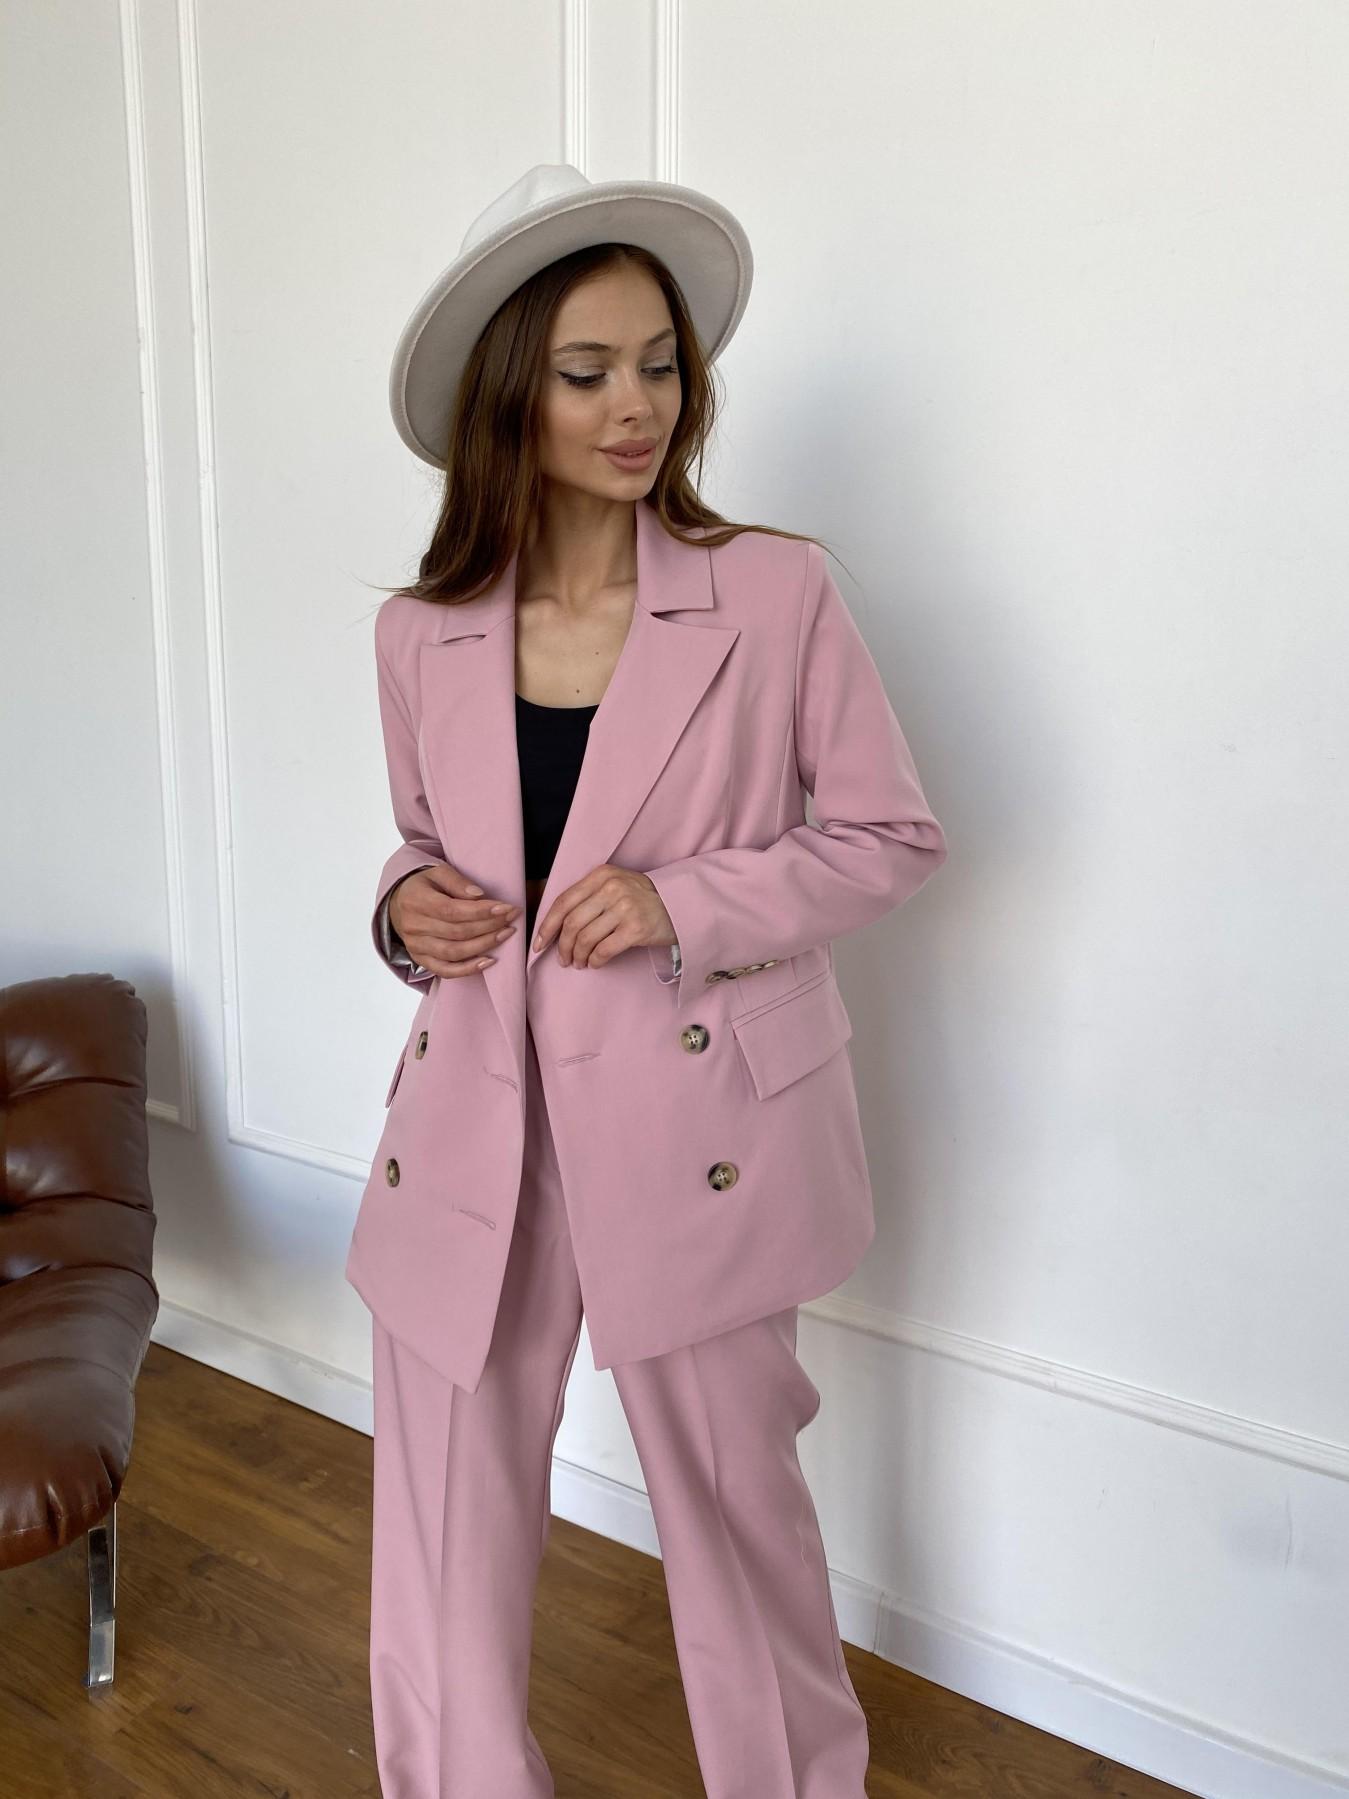 Белисимо  костюм стрейч из костюмной ткани 11217 АРТ. 47981 Цвет: Пудра 2 - фото 4, интернет магазин tm-modus.ru